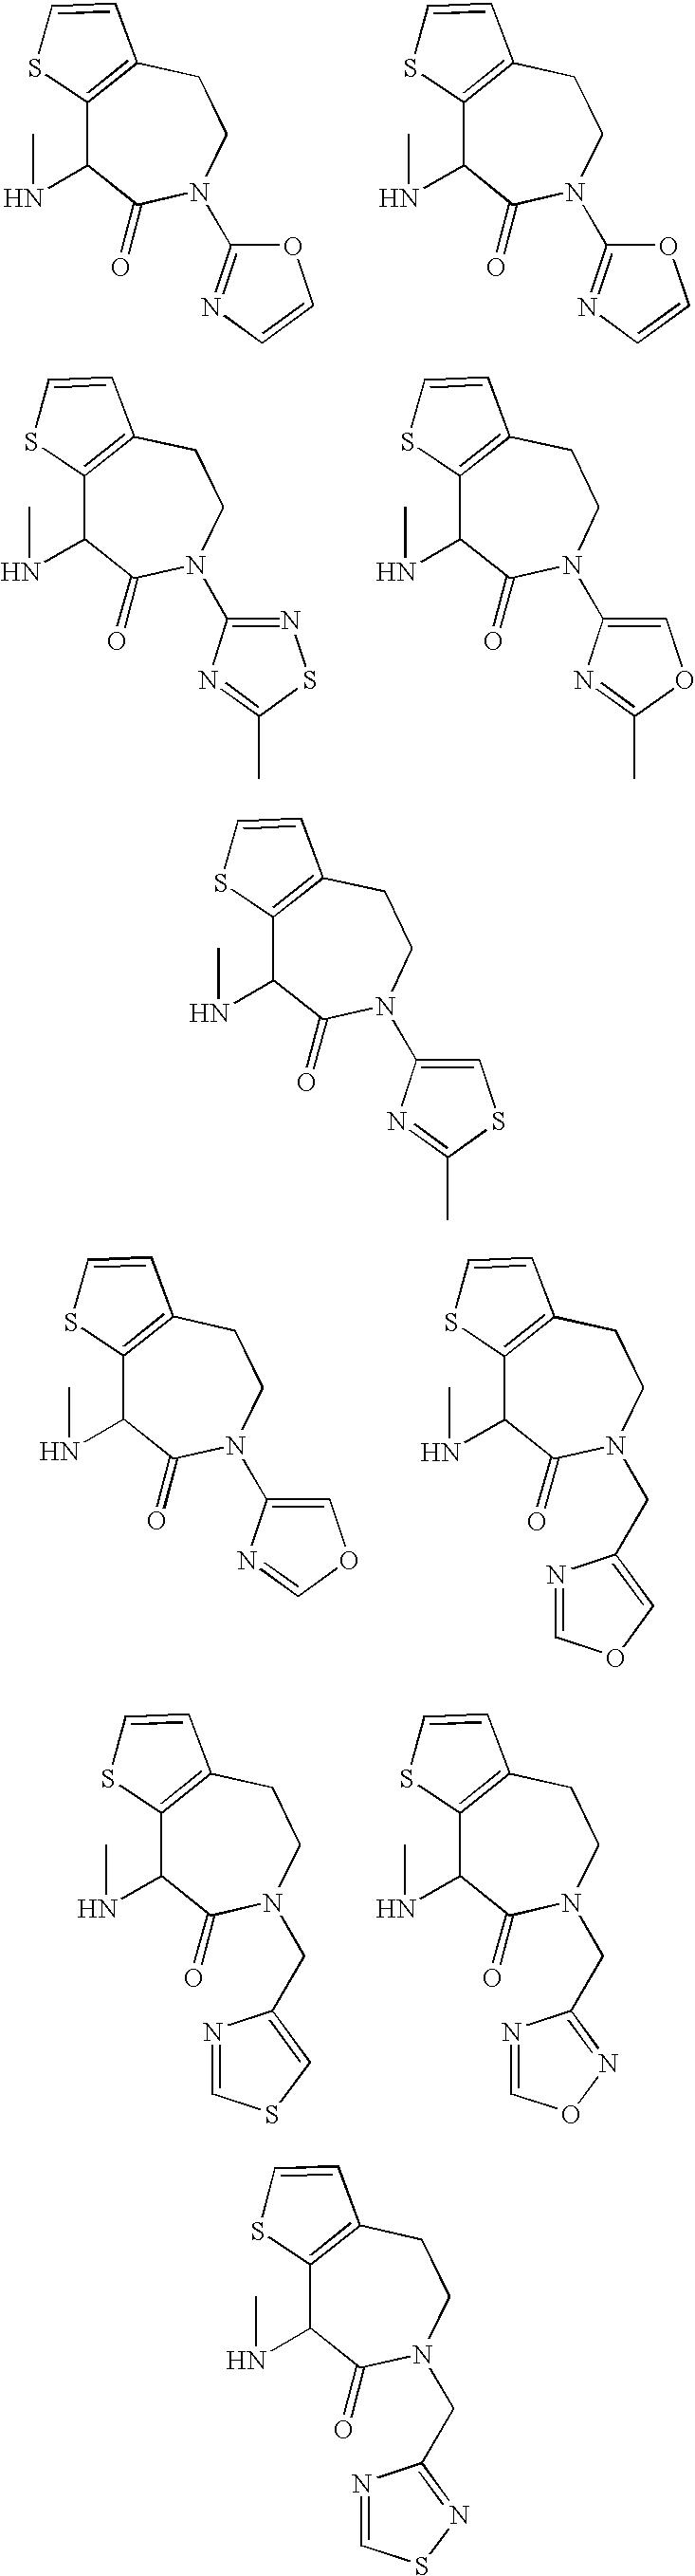 Figure US06509331-20030121-C00090